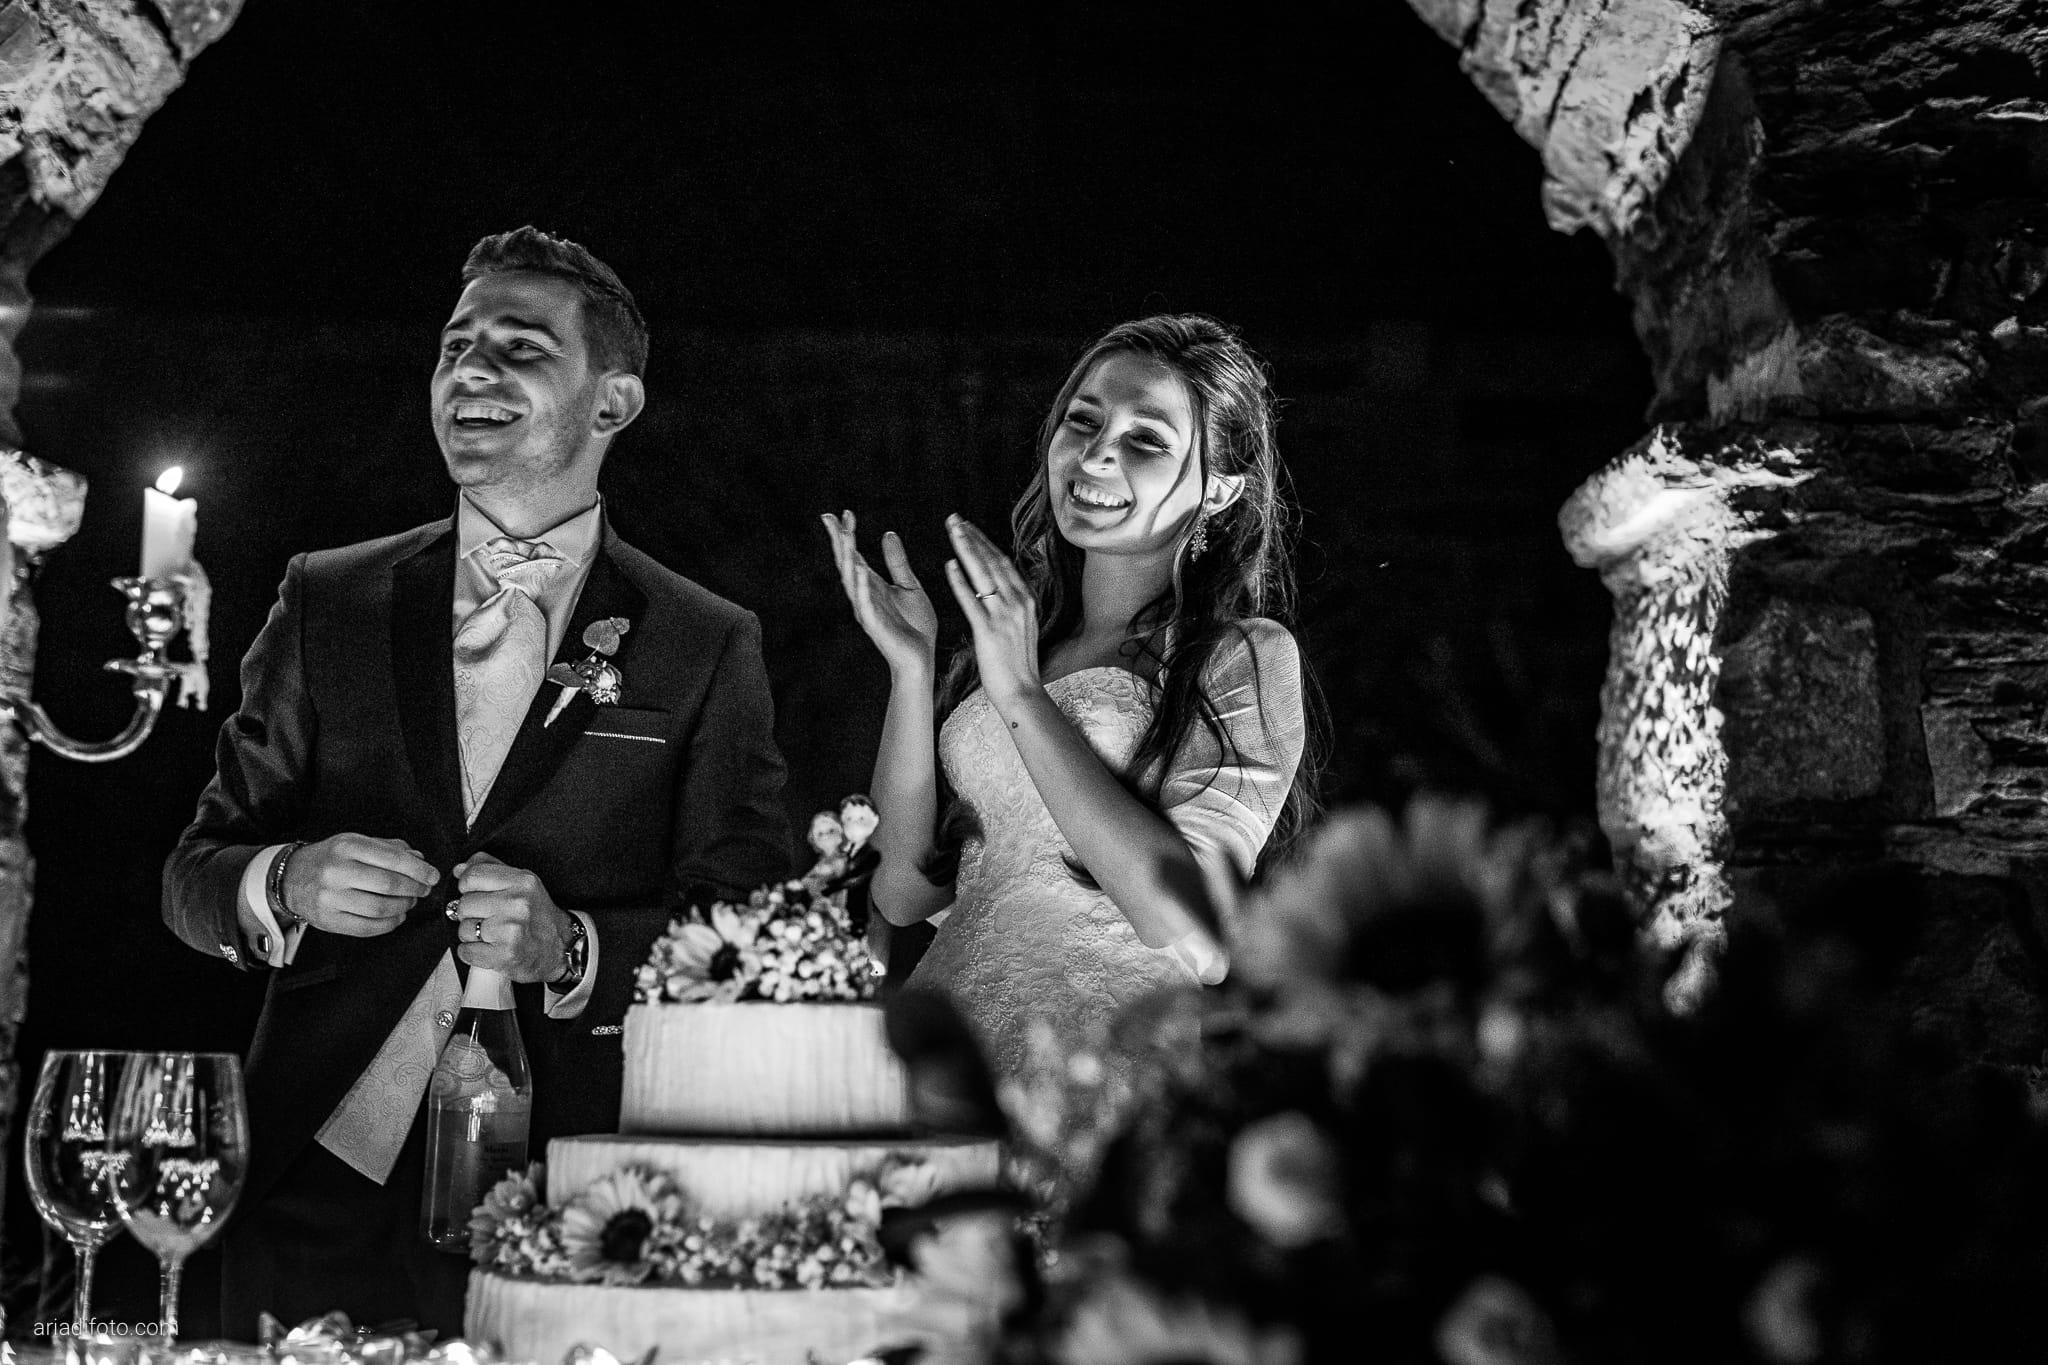 Giulia Alessandro Matrimonio Duino Trieste Baronesse Tacco San Floriano Del Collio Gorizia ricevimento taglio torta